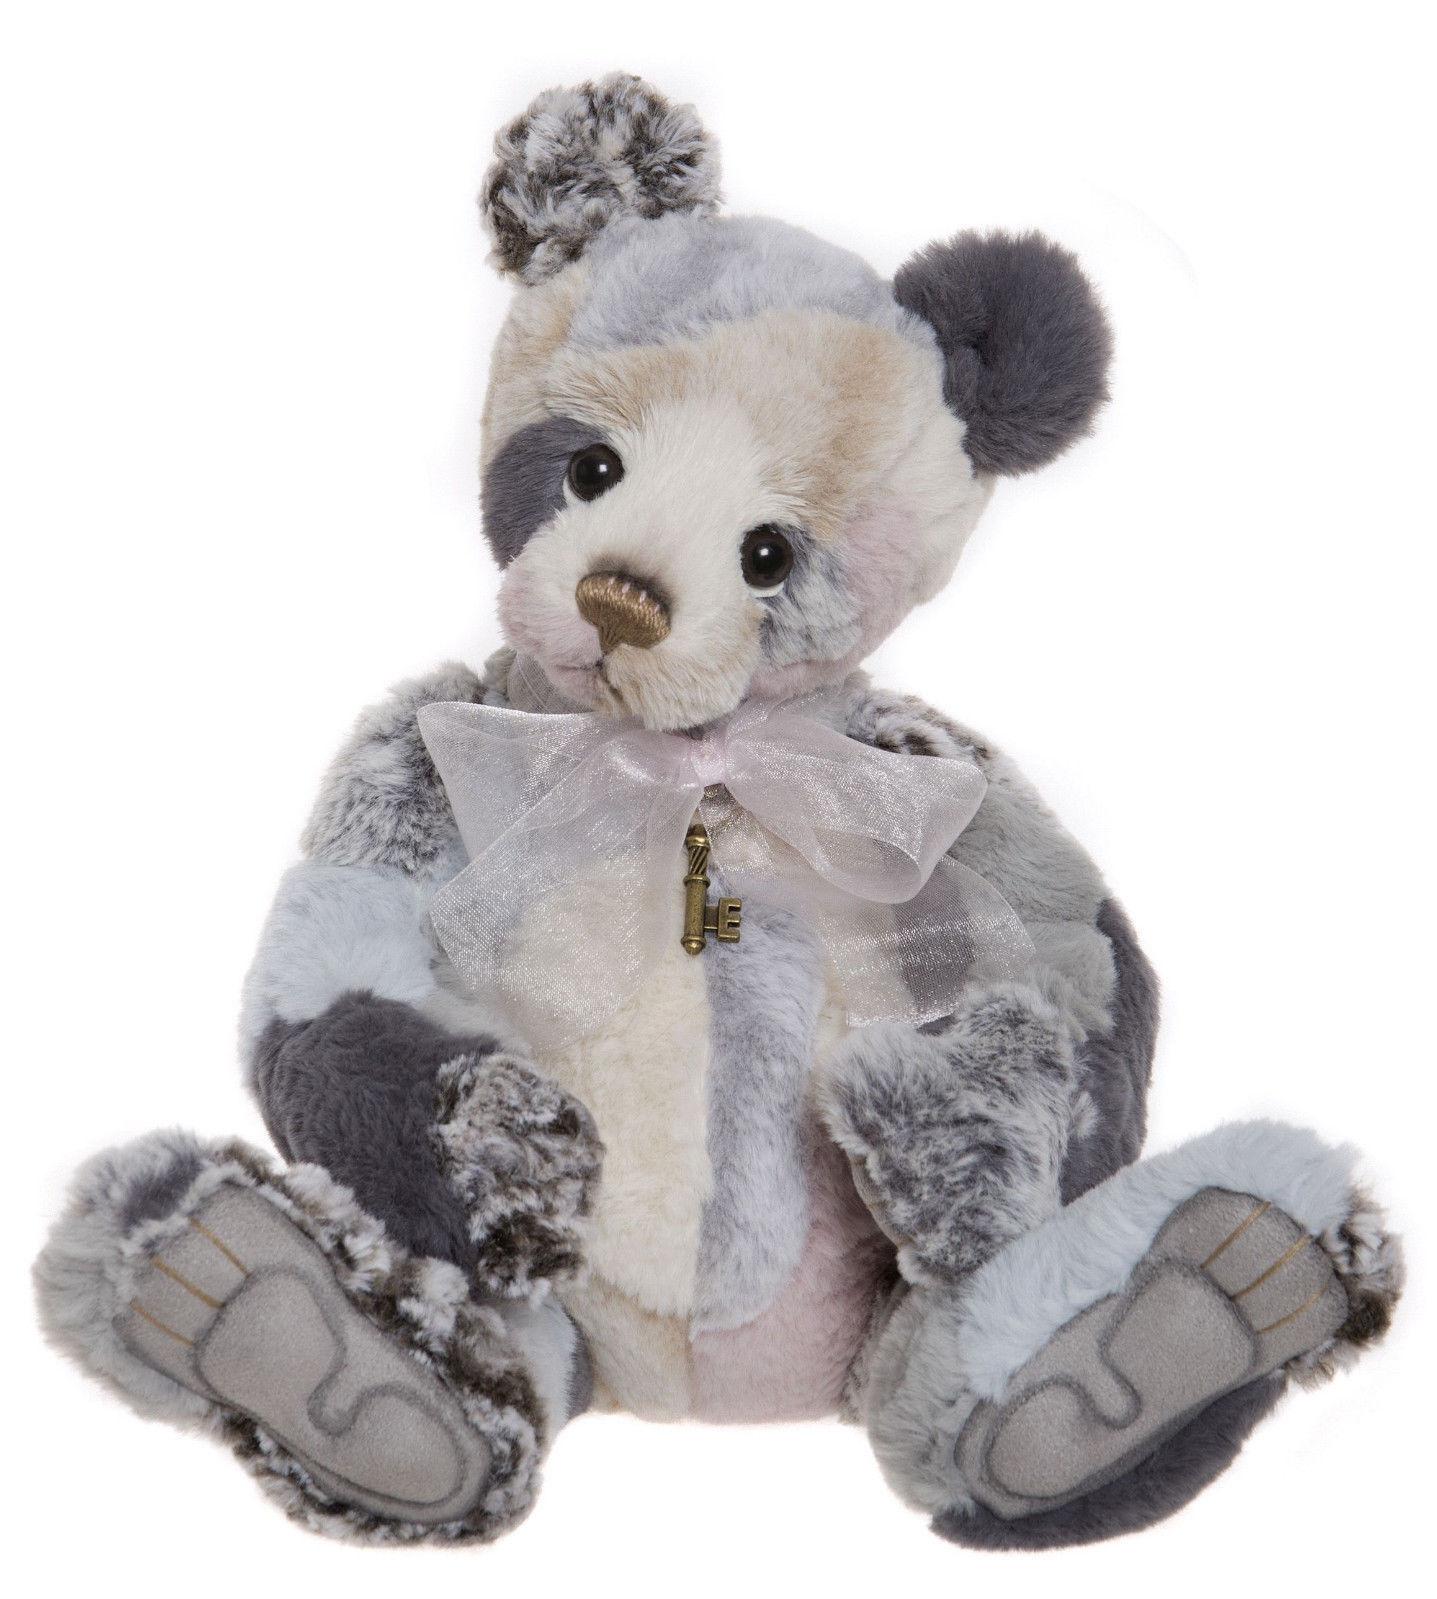 Charlie Bears Taggle CB181830B Neue Kollektion 2018 für Kinder und Sammler    Shop